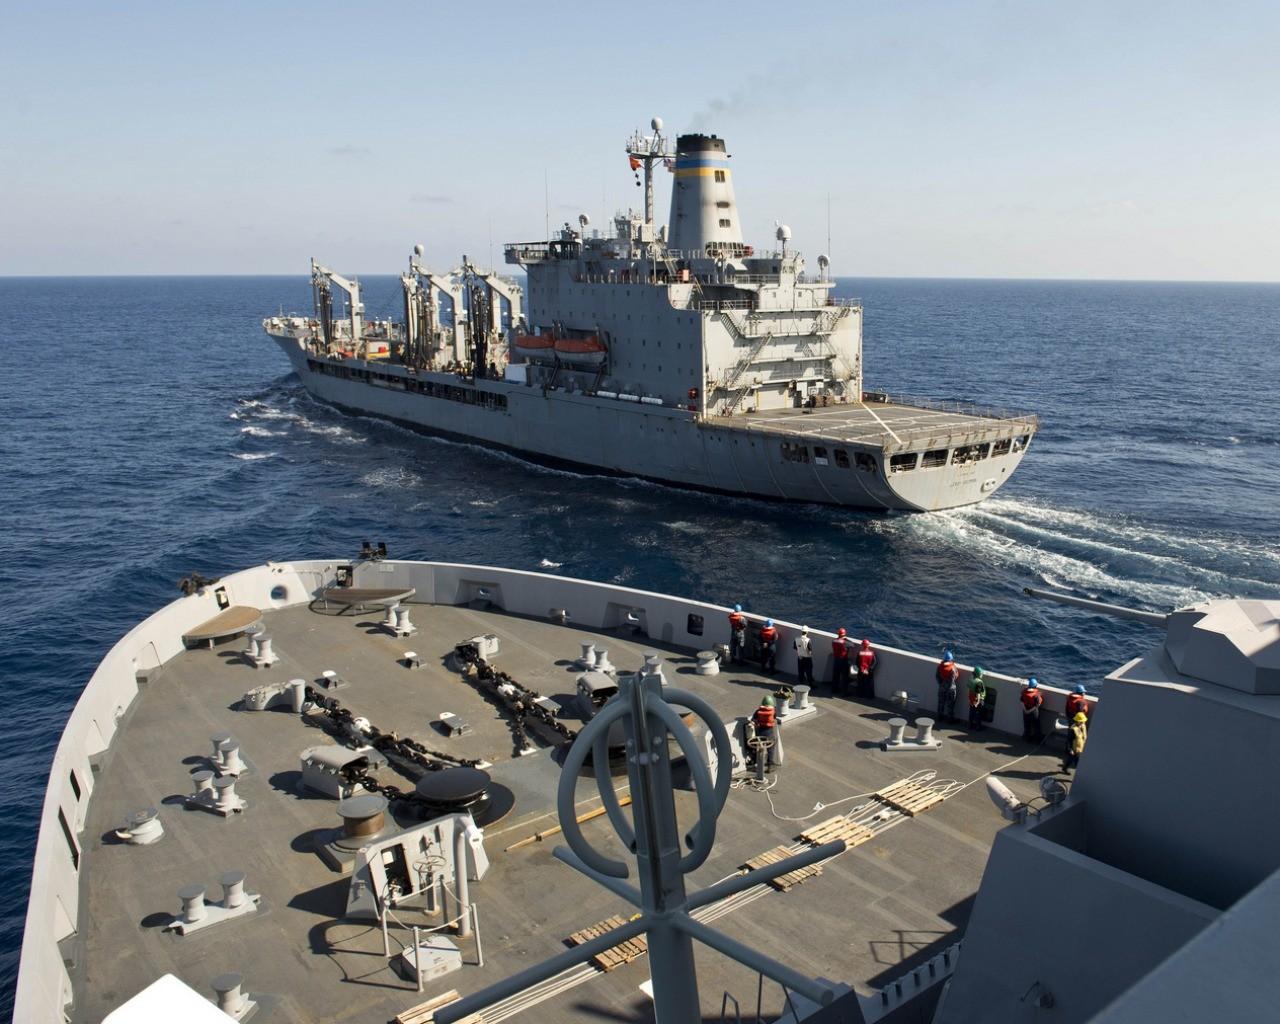 Wallpaper : Battleship, aircraft carrier, warship, Destroyer